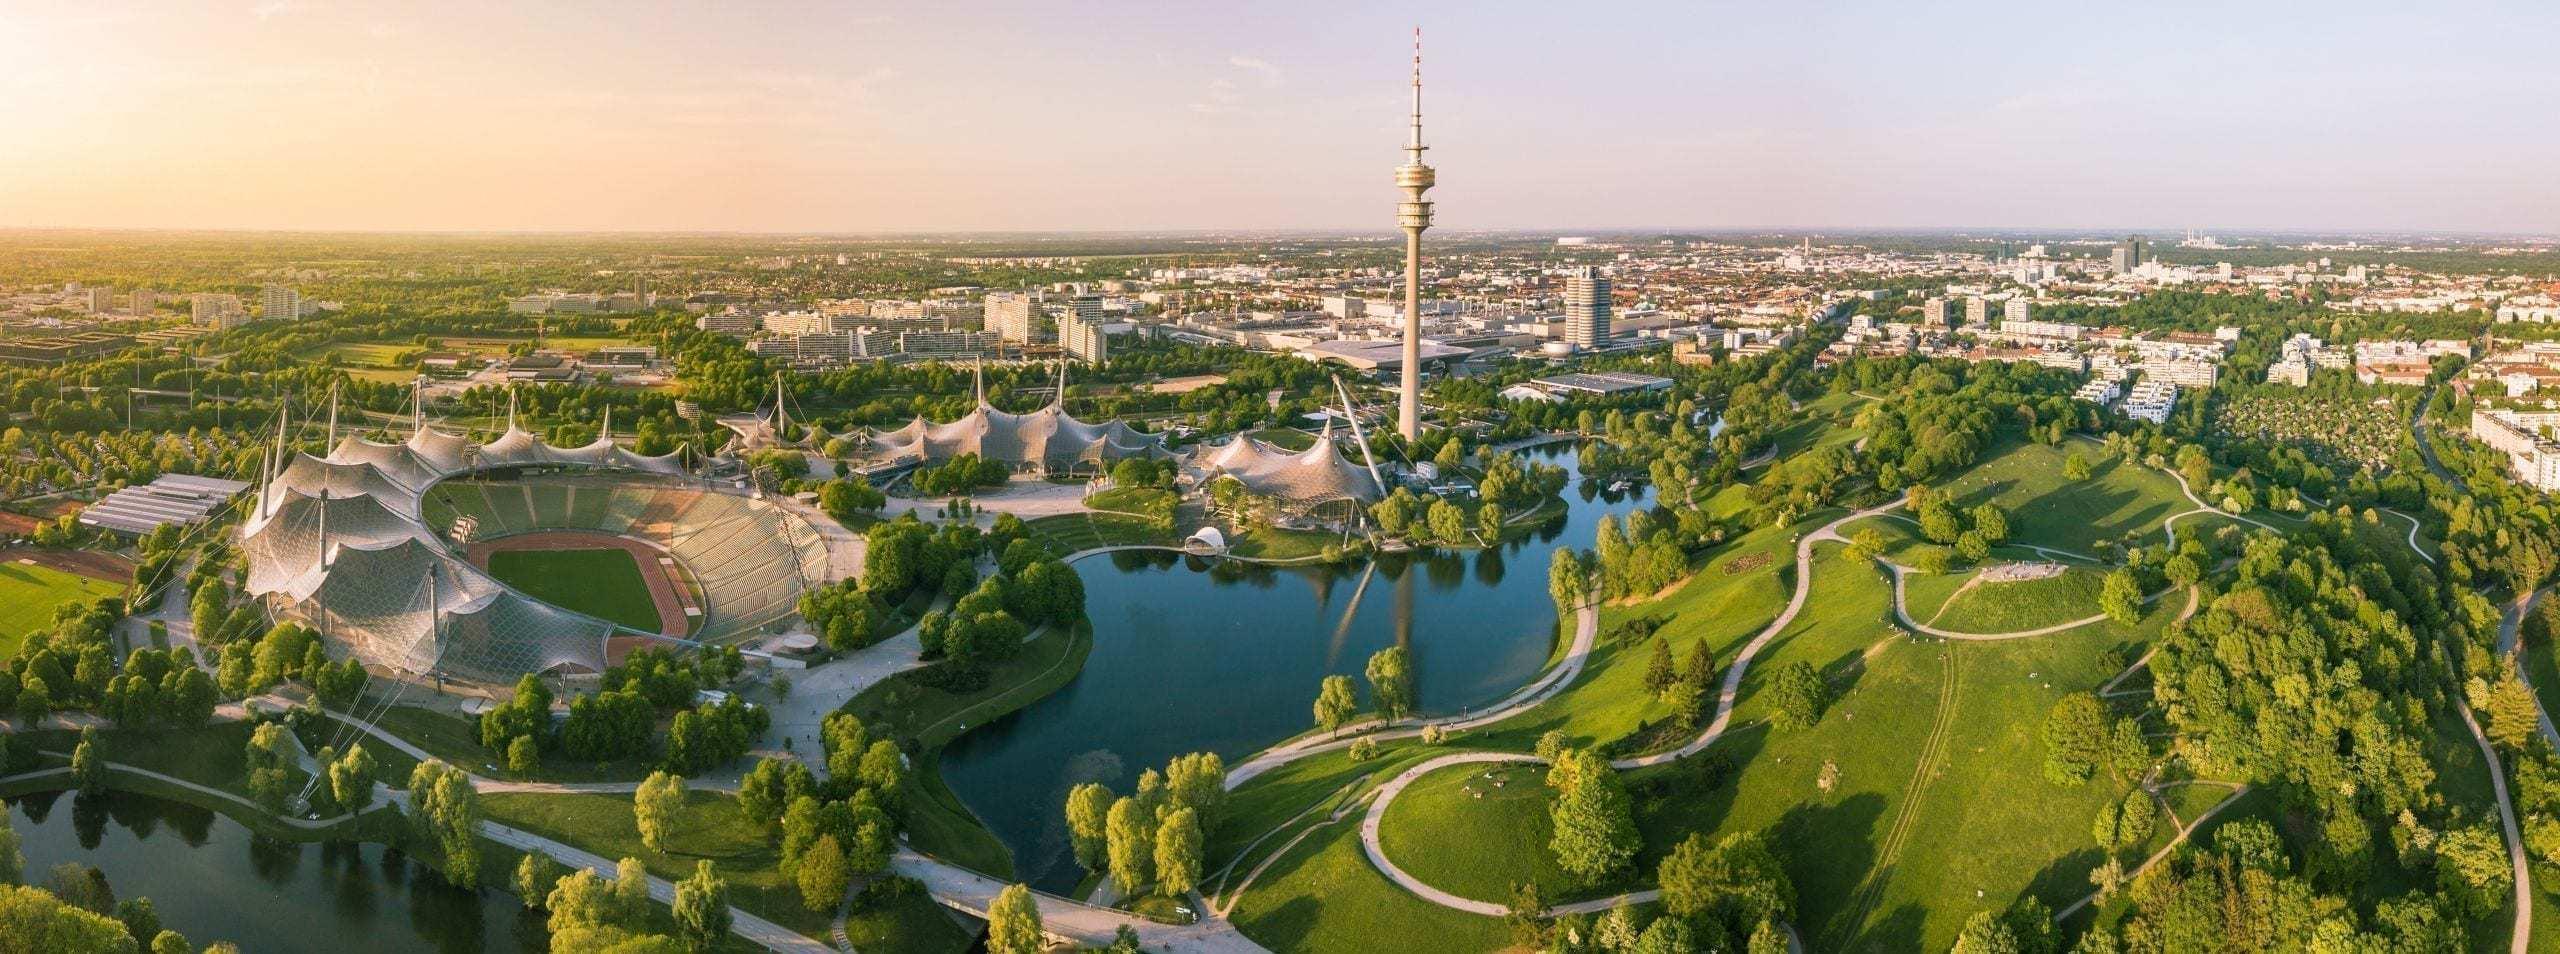 olypiapart in münchen historisches sightseeing